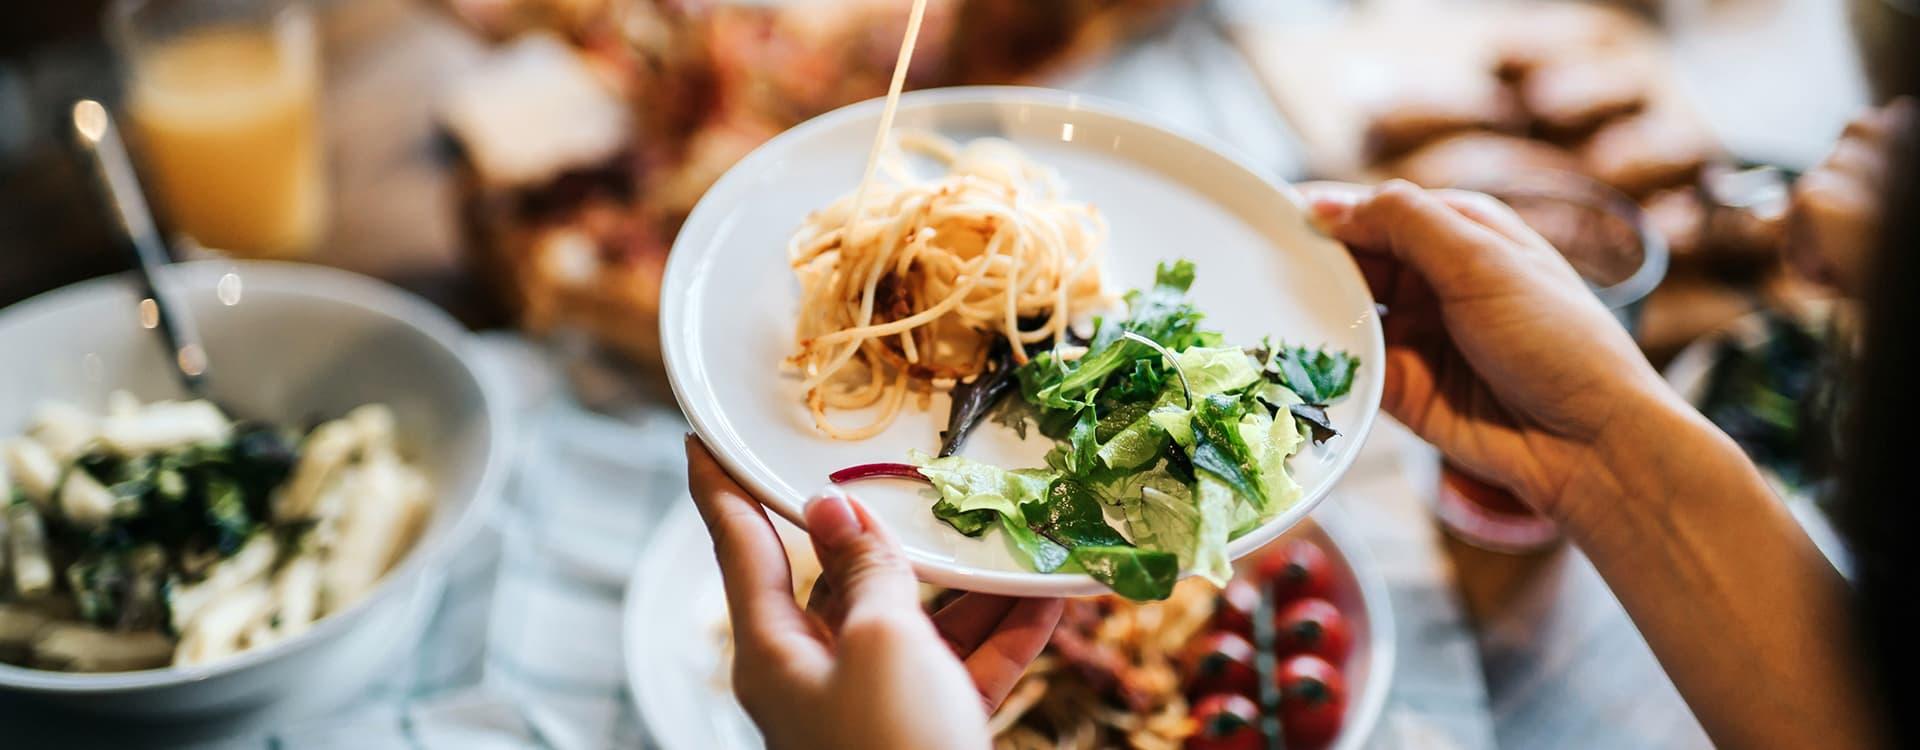 For et fullverdig måltid, bør 1/3 del av tallerkenen være pasta, resten grønnsaker og evnt. kjøtt eller fisk.